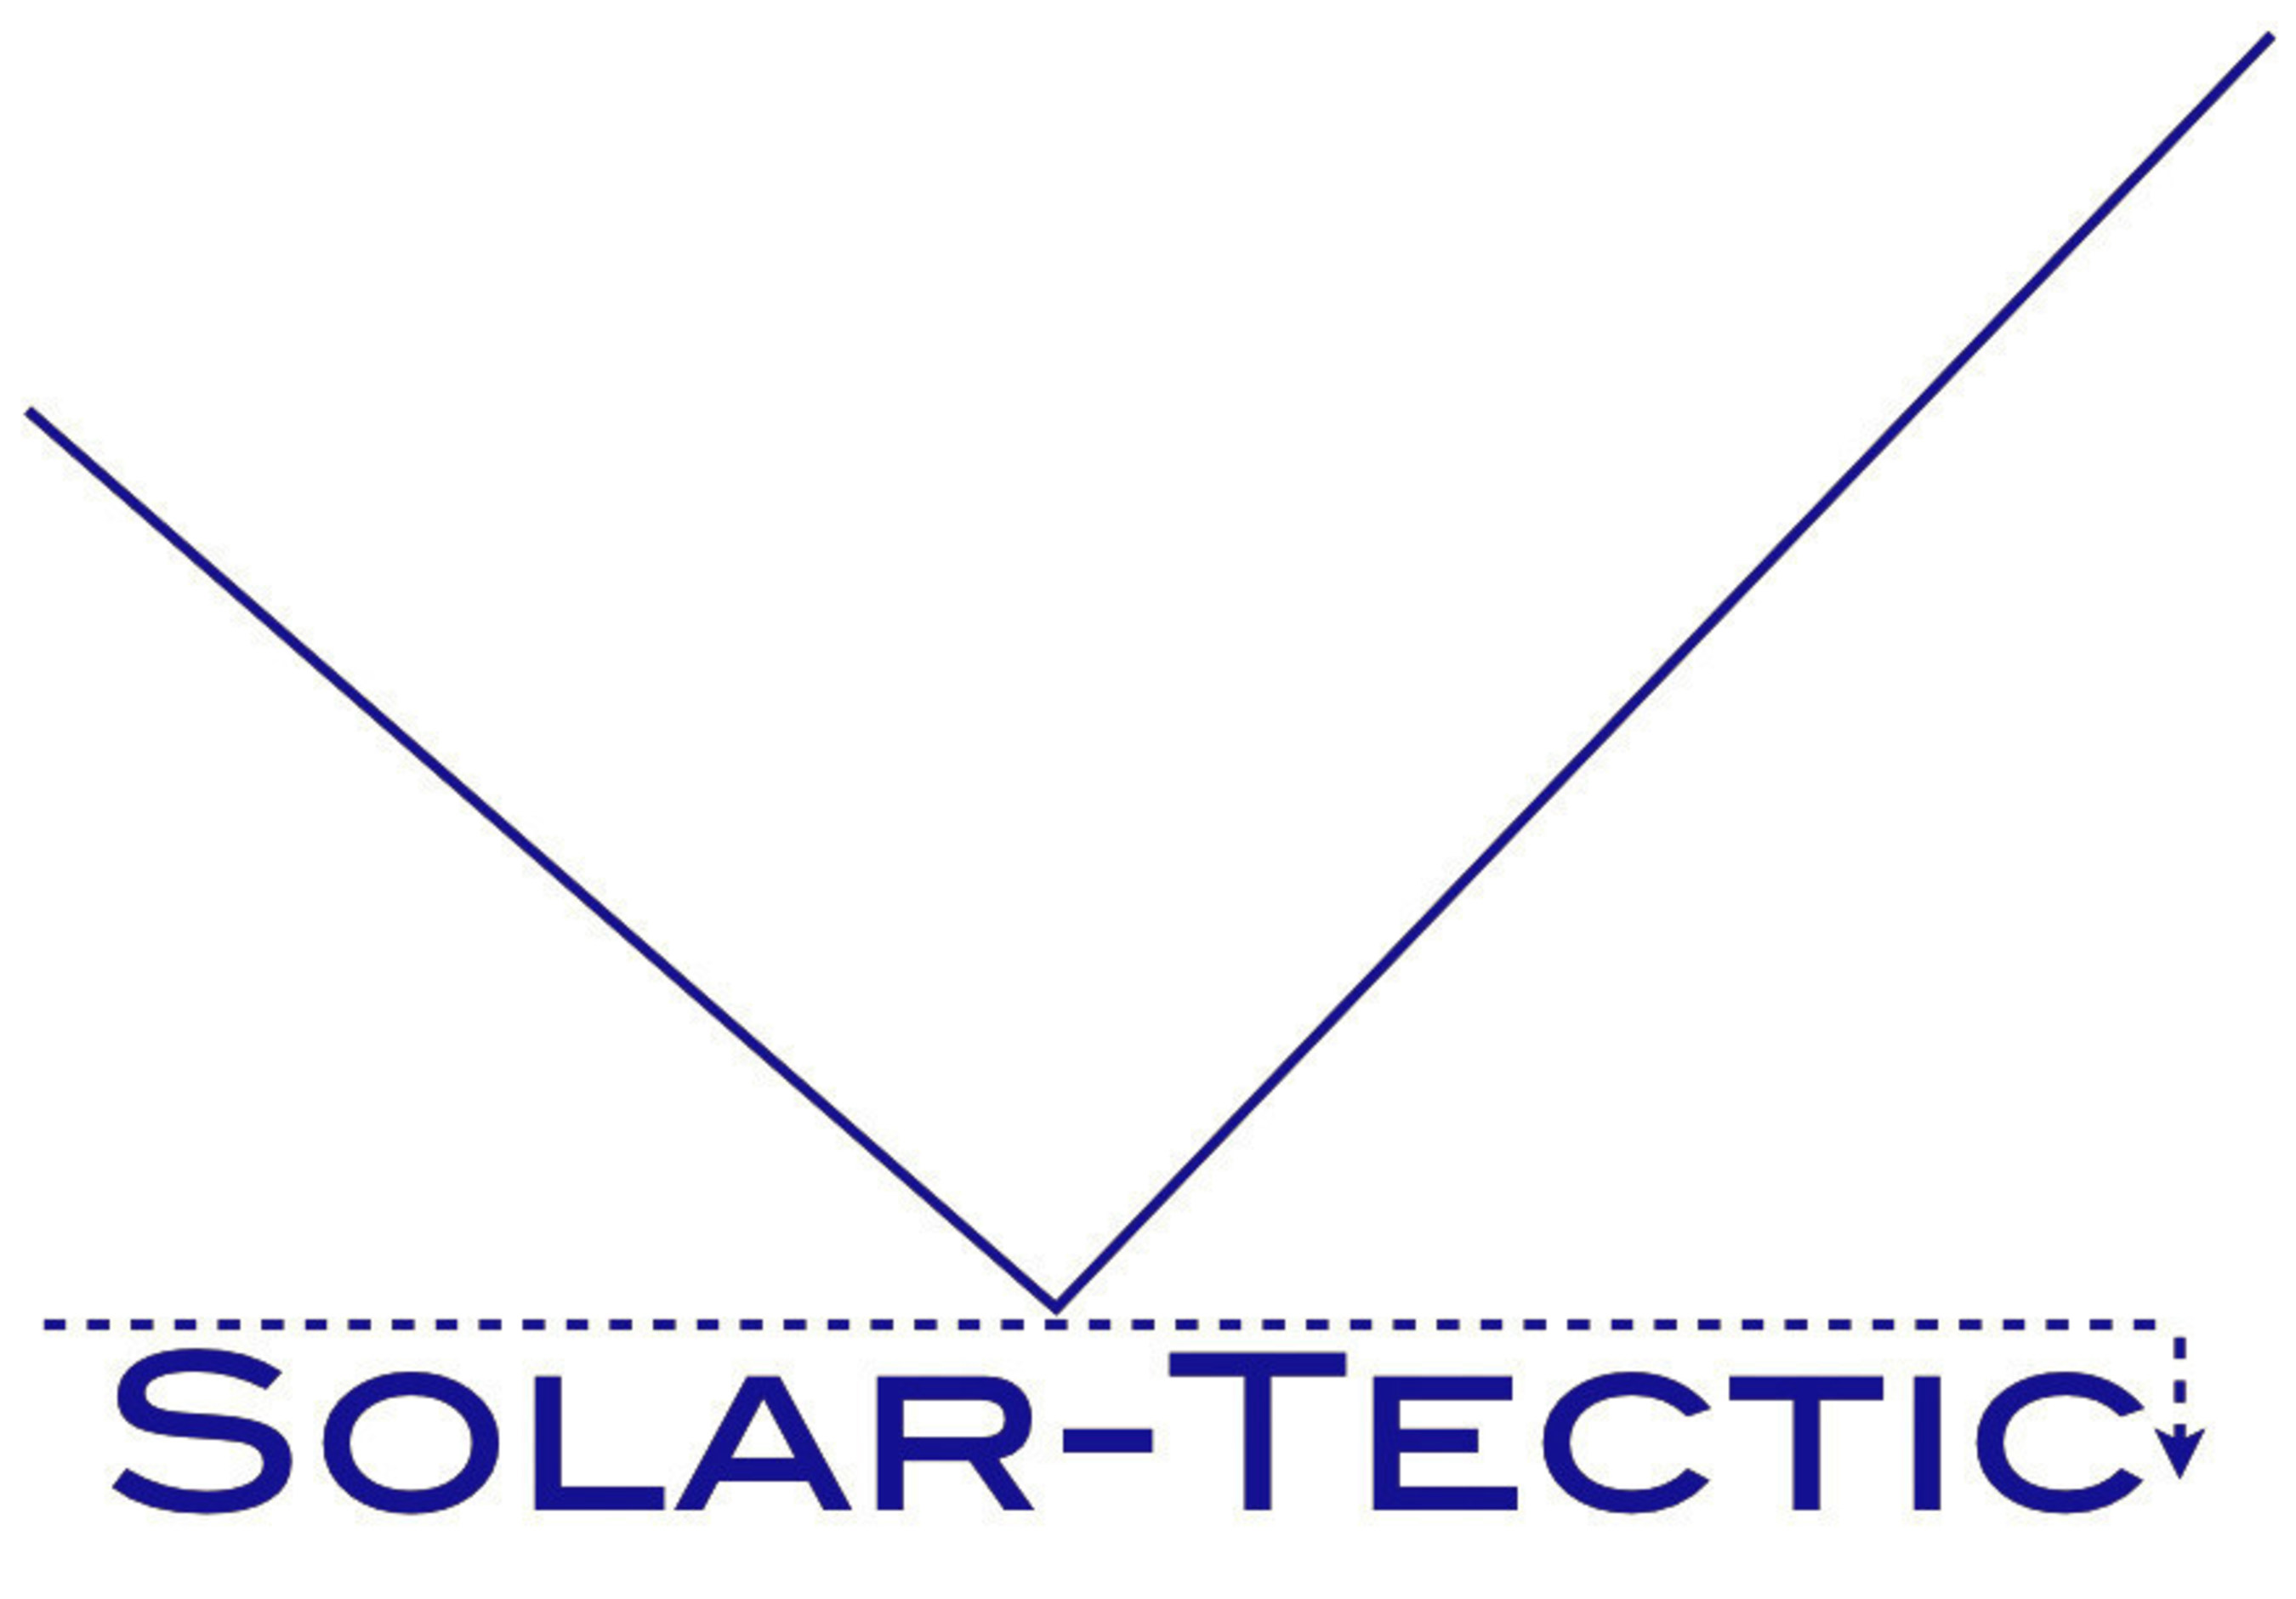 US-Patentamt (USPTO) erteilt Solar-Tectic LLC umfangreiches Patent für Technik im Bereich